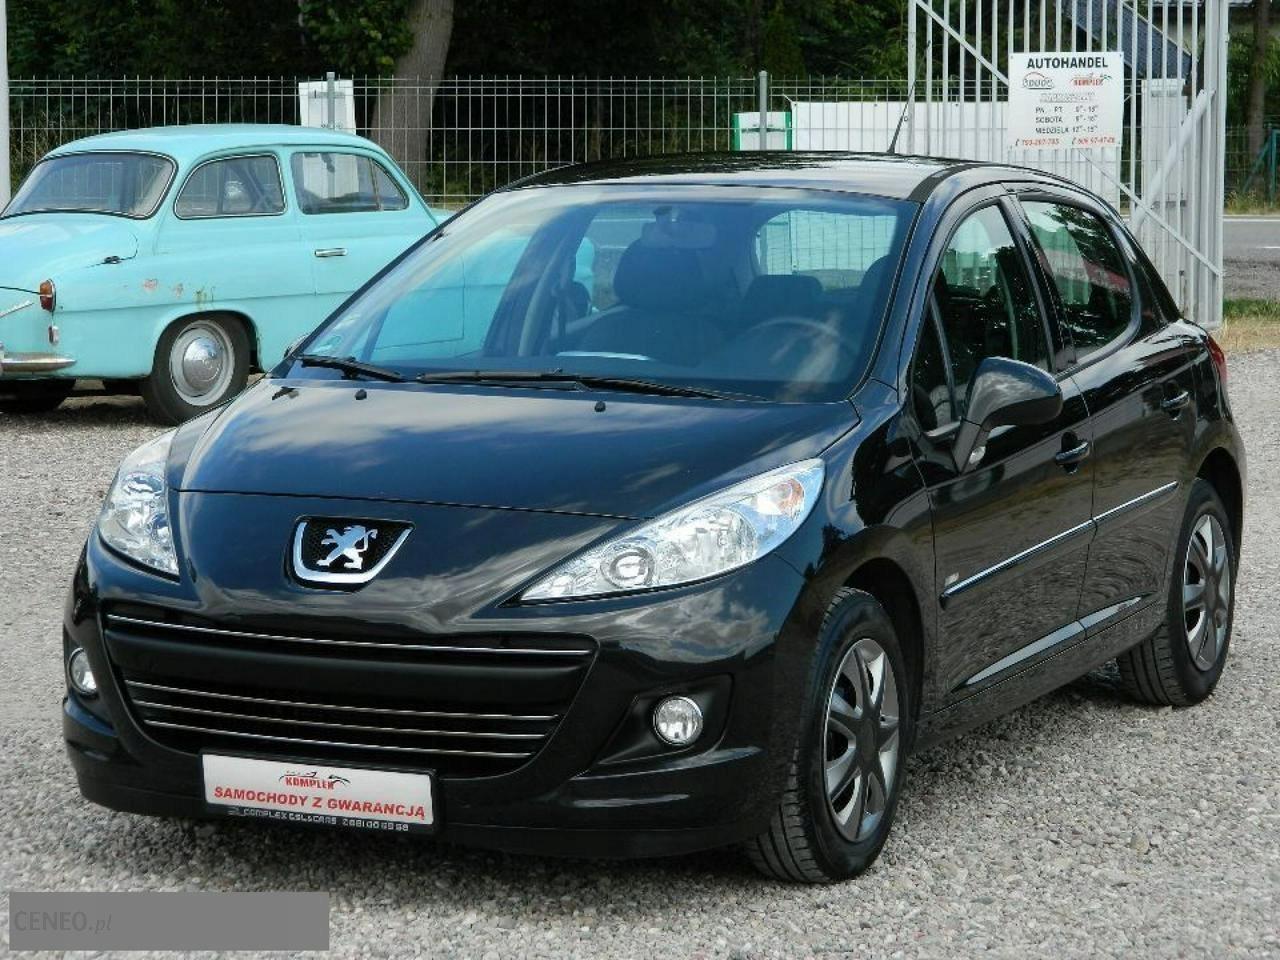 Peugeot 207 Sw 1 6 Hdi 92km Klimatyzacja Zadbany Opinie I Ceny Na Ceneo Pl